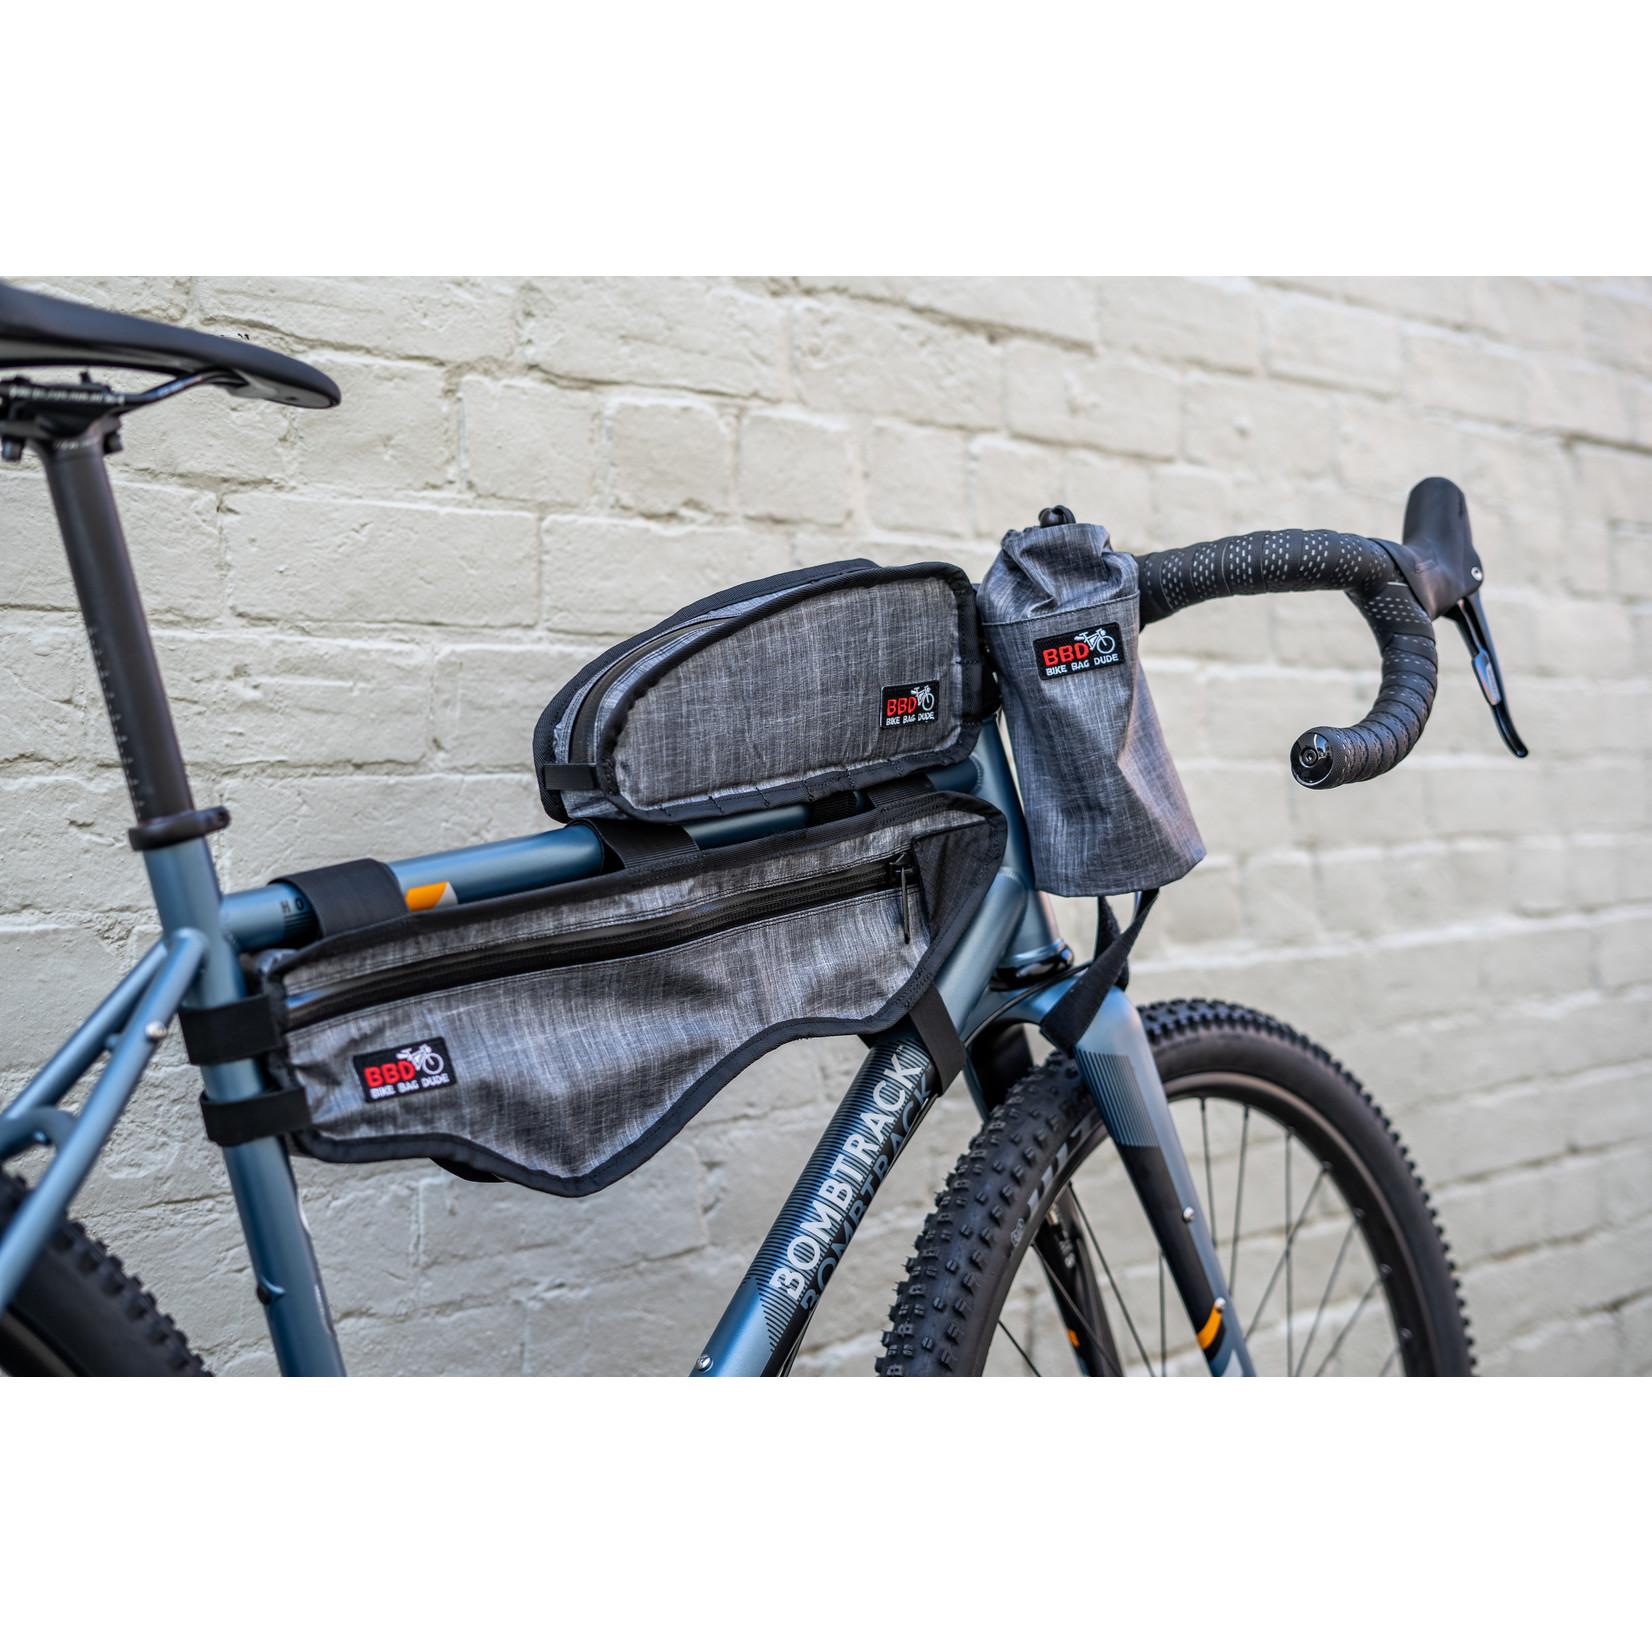 Bike Bag Dude Bike Bag Dude, TT Tall Mini